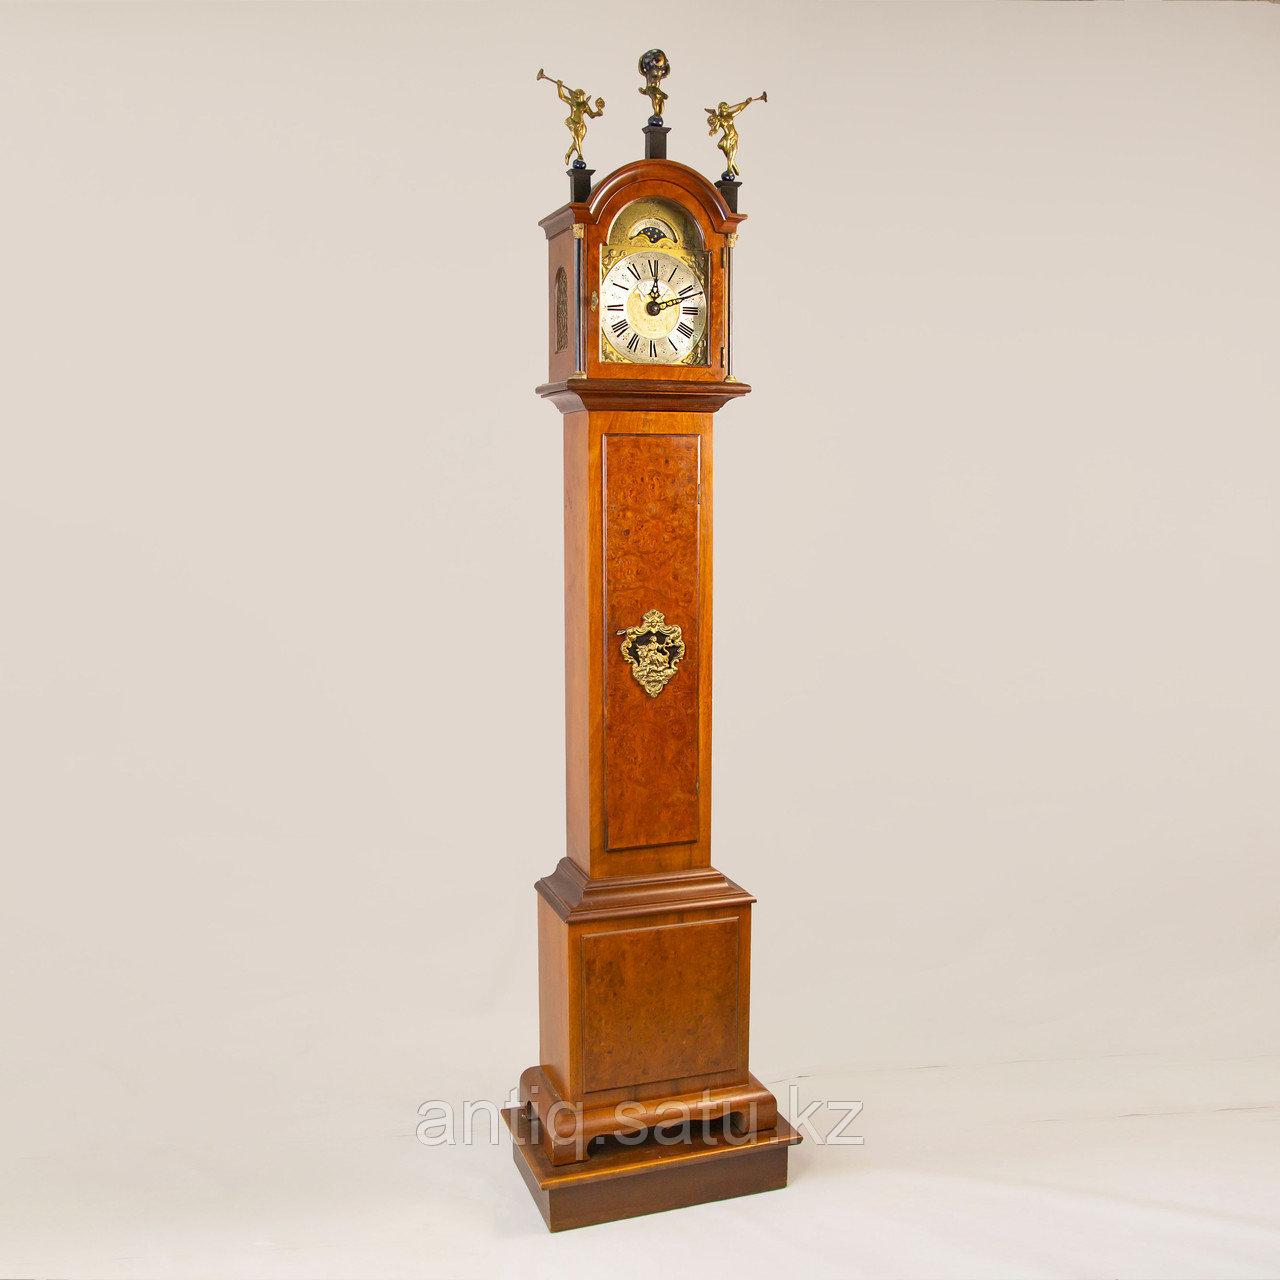 Напольные часы с лунным календарем. Голландия - фото 5